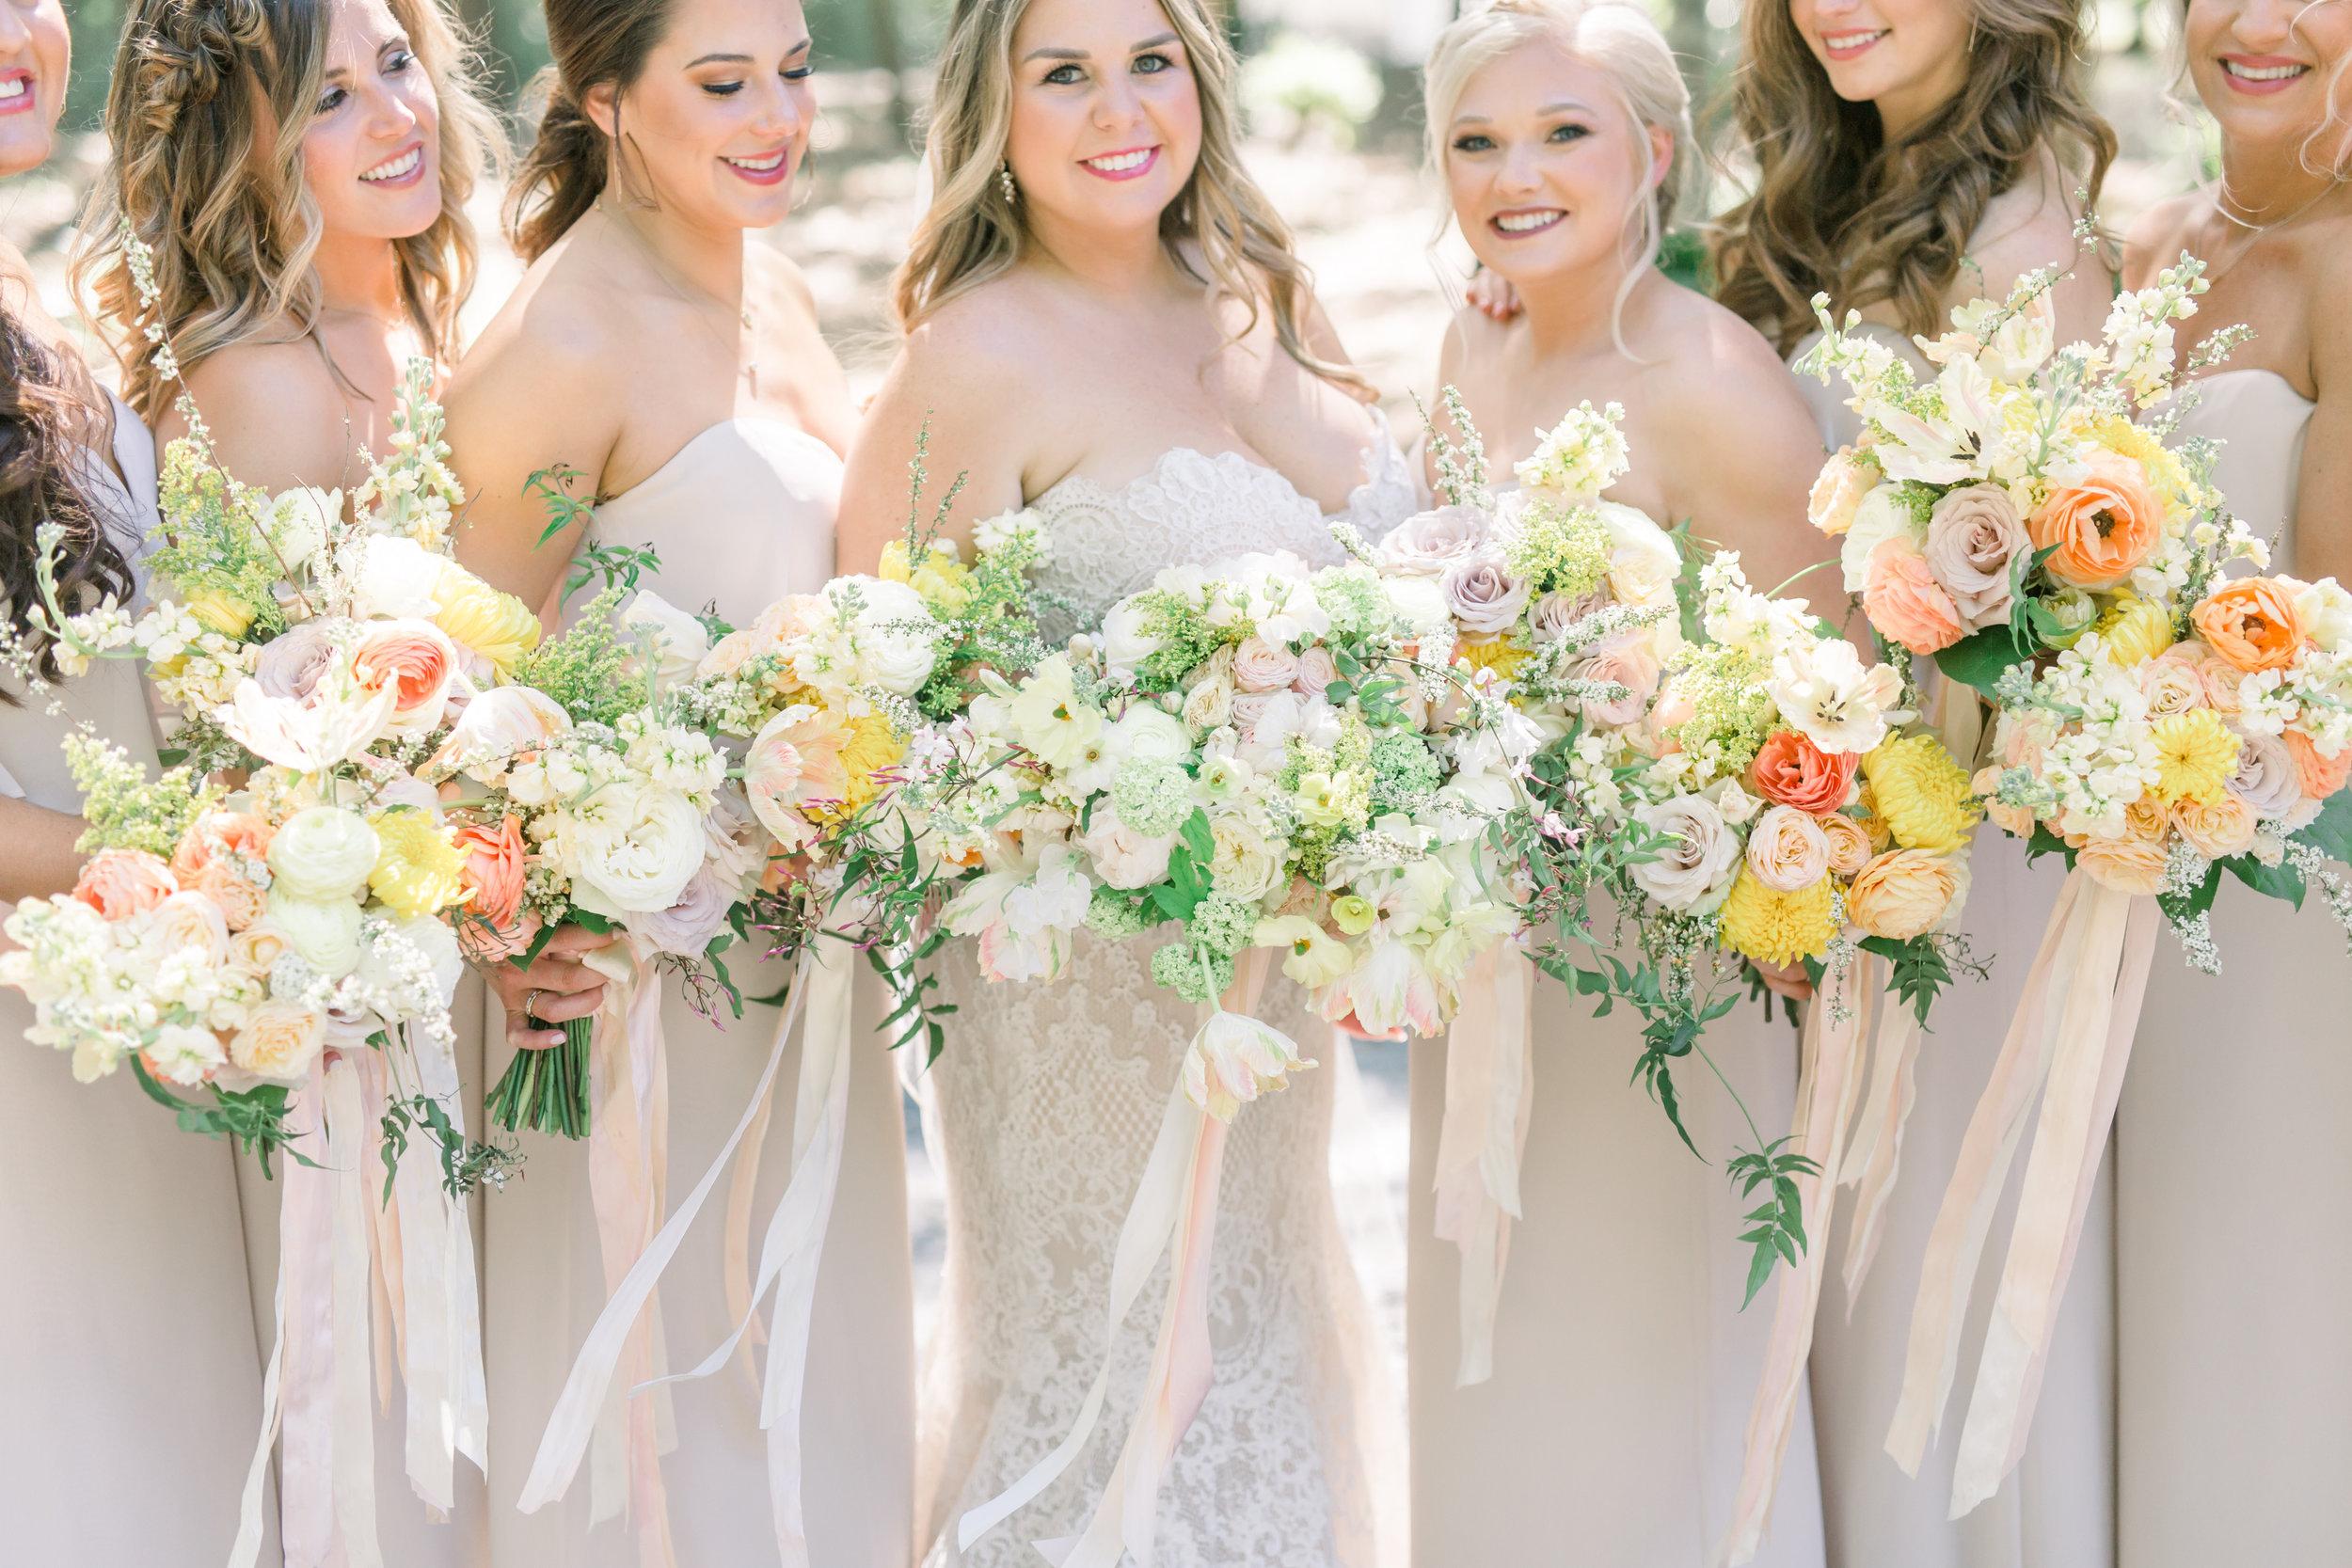 lightner-wedding-284.jpg